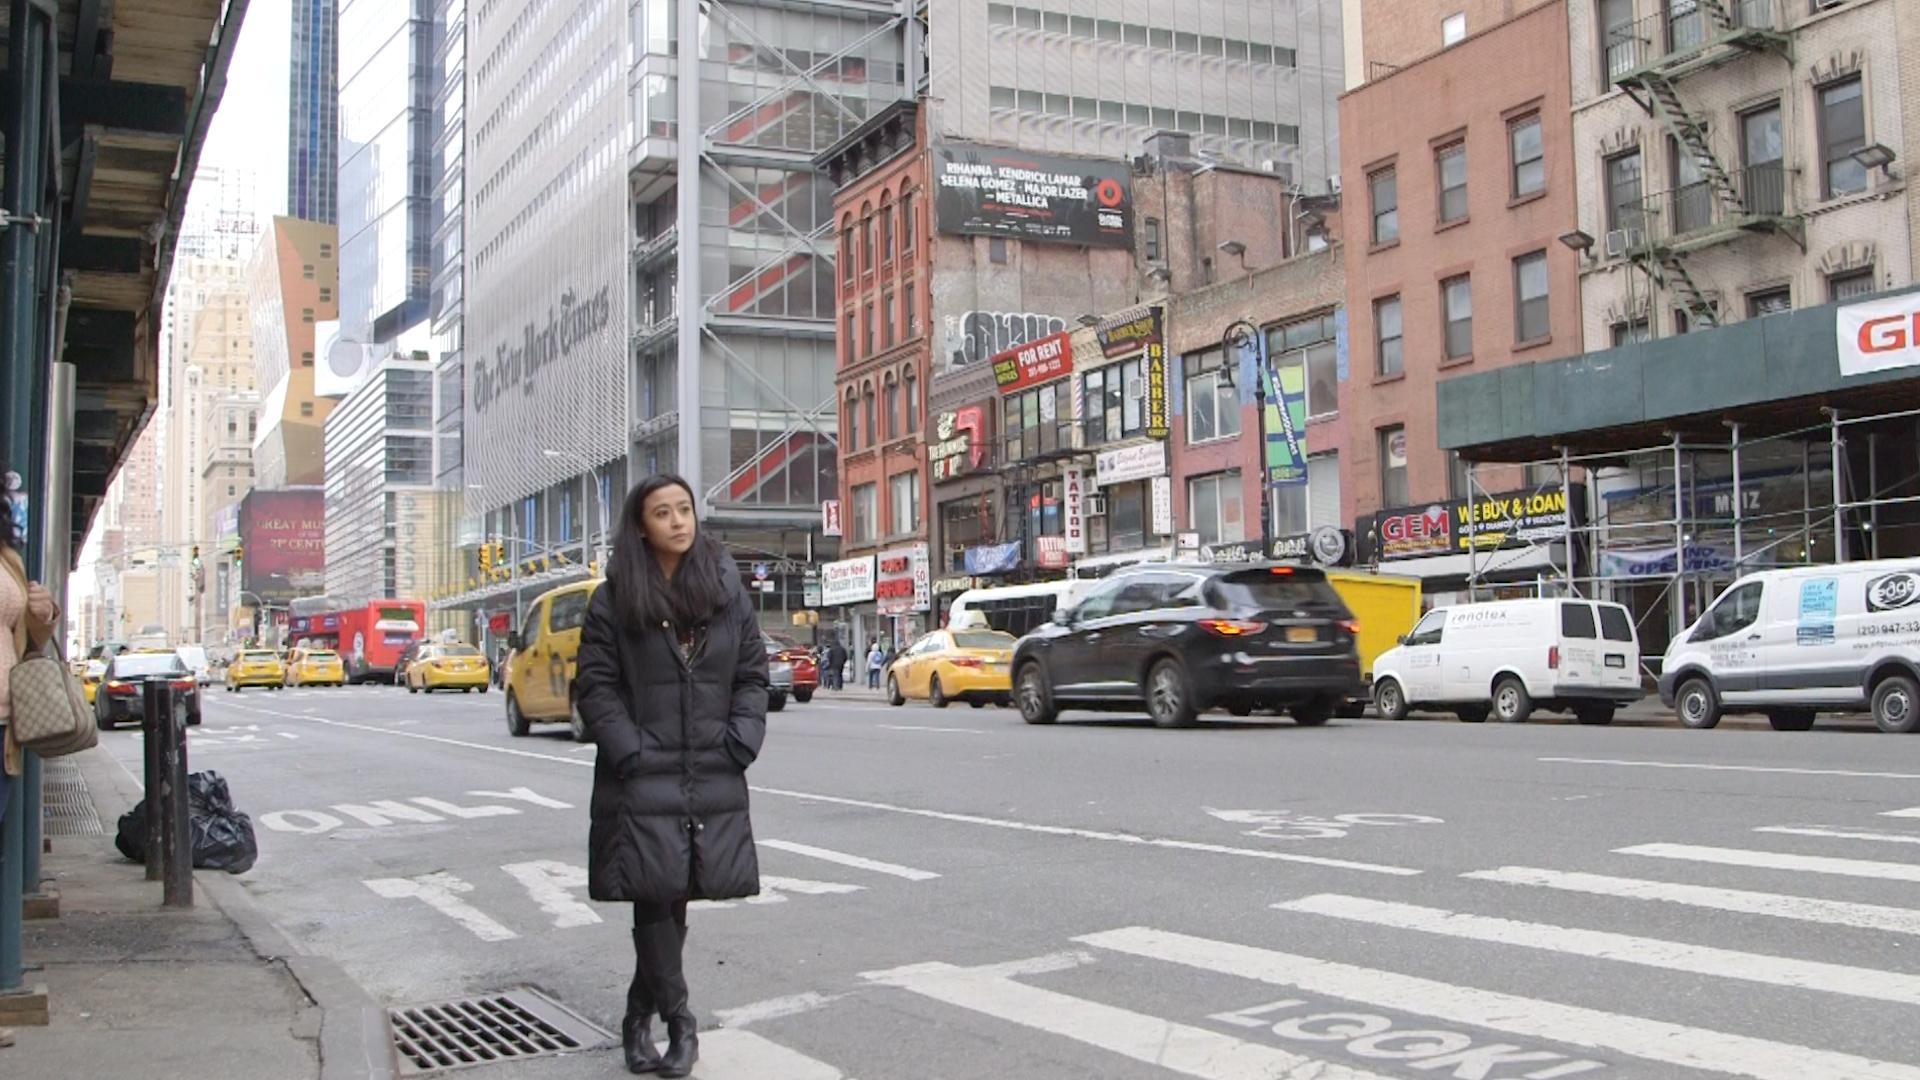 Saya Woolfalk standing on the street in NYC.jpg